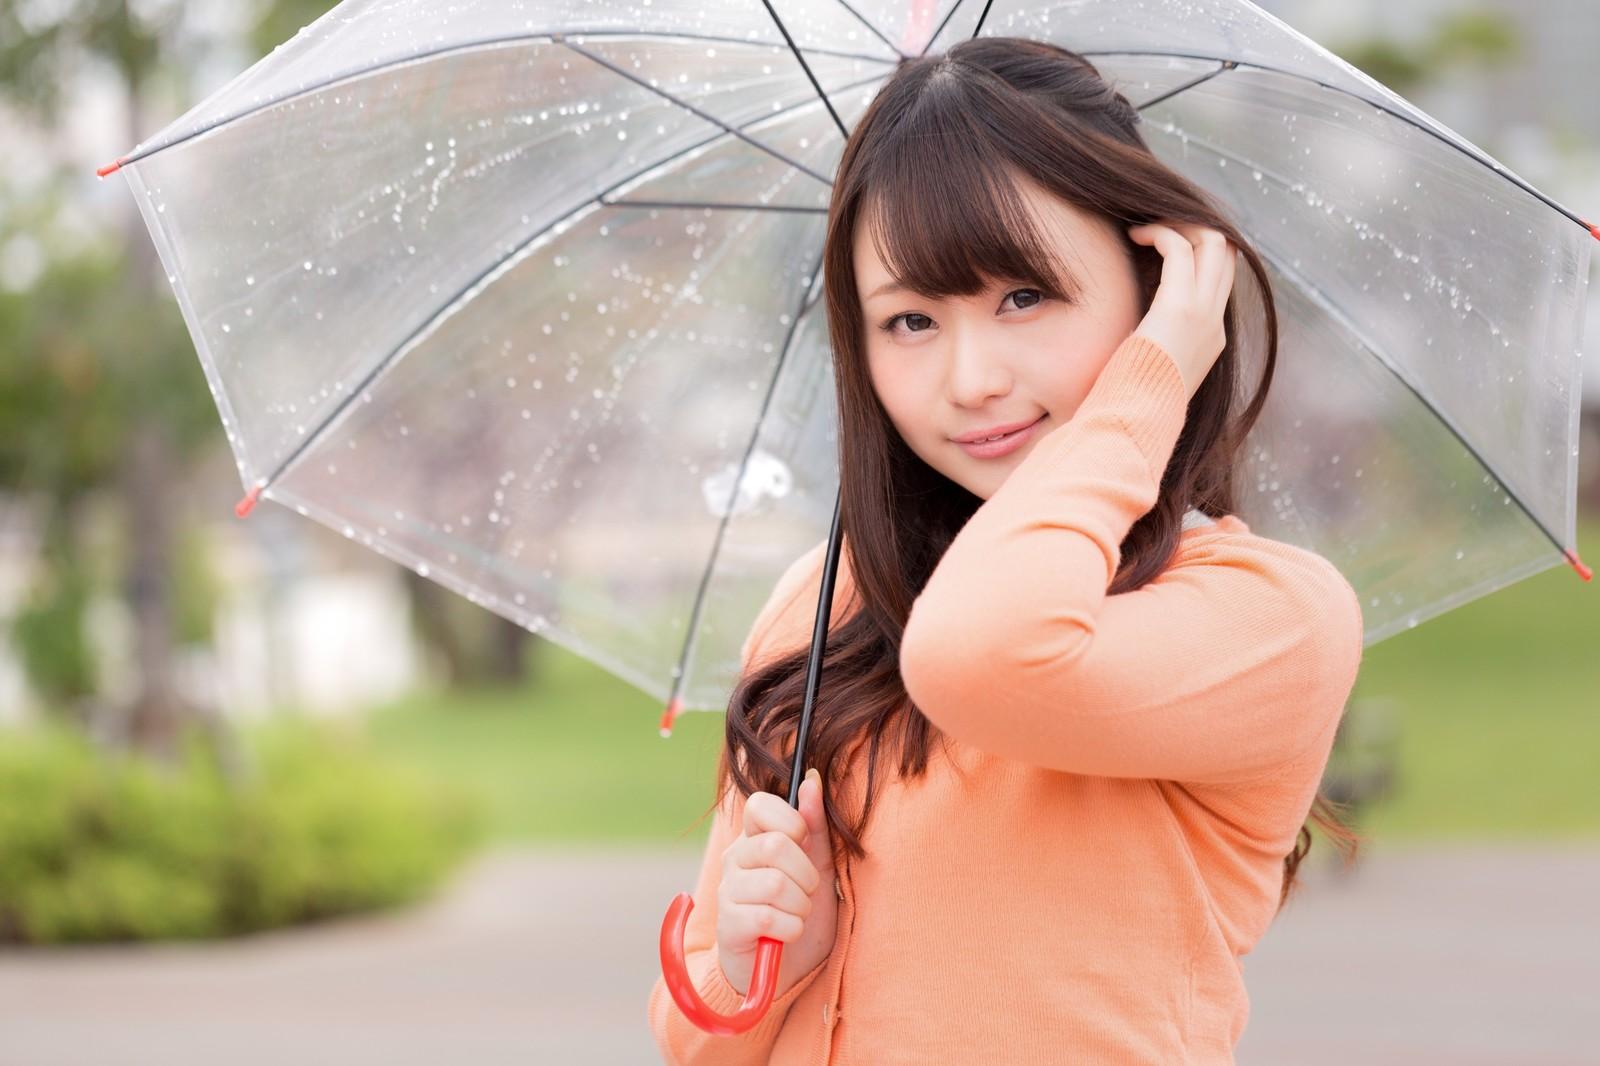 持っている傘で性格が分かる!? アラサー女子の性格診断